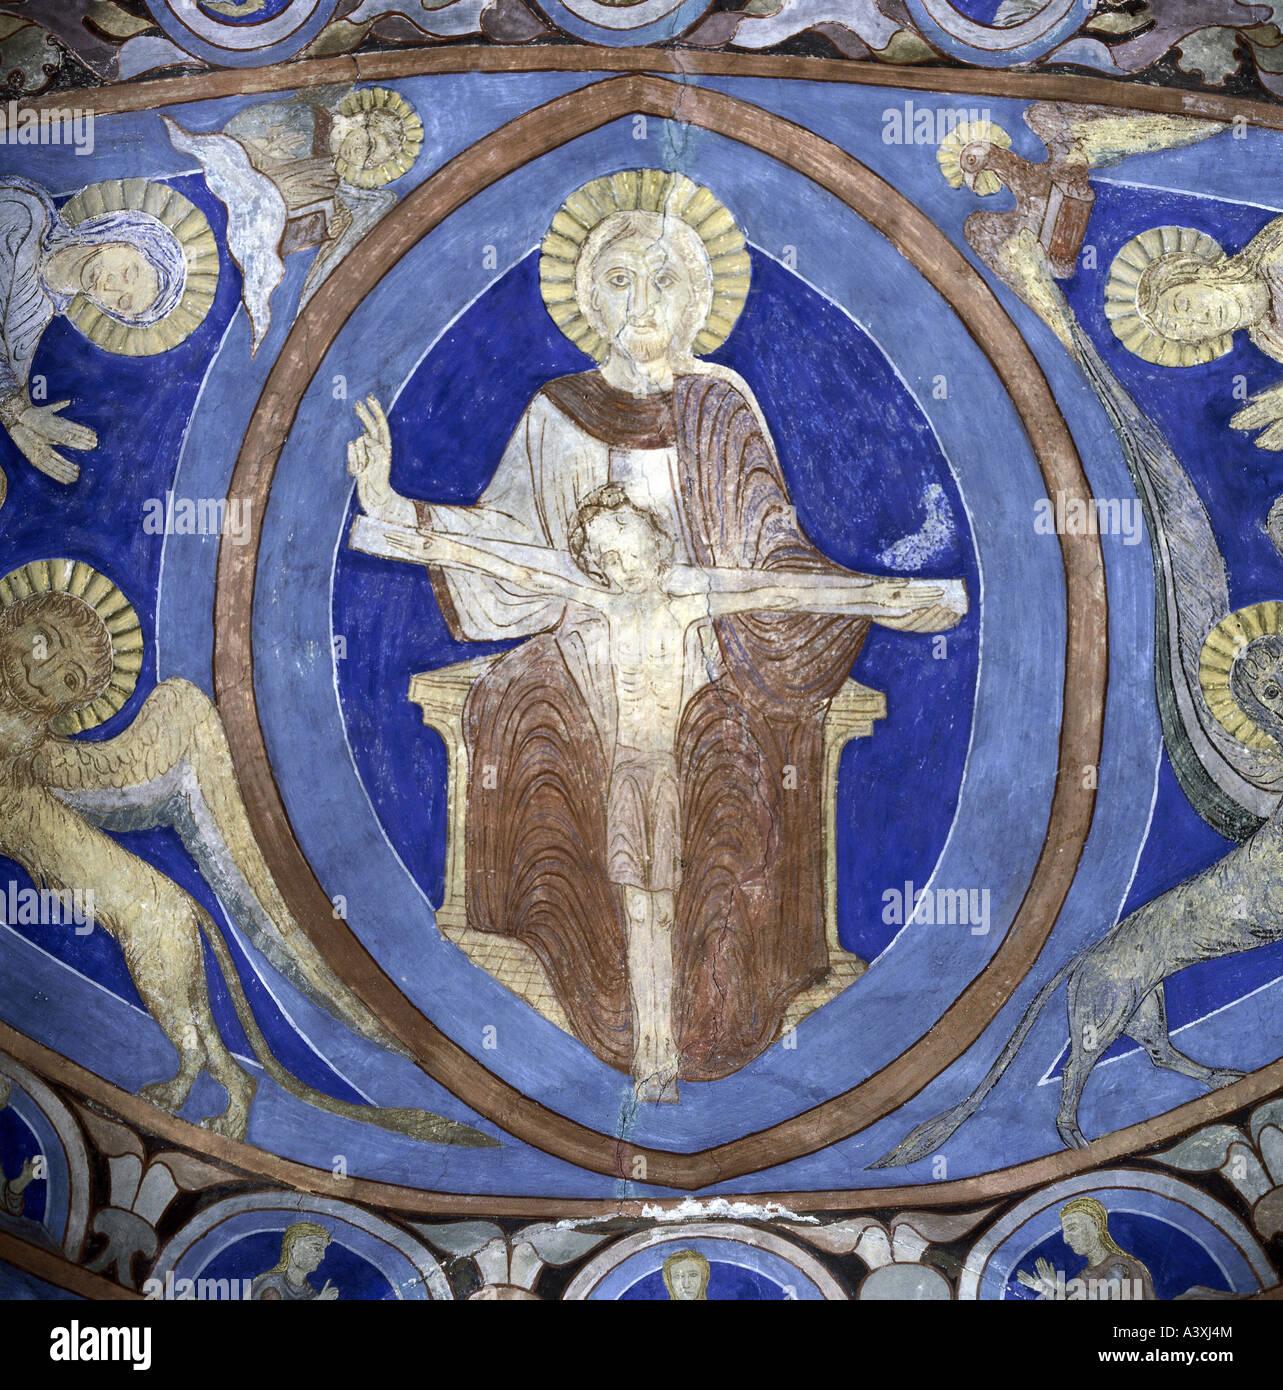 Belle arti, l'arte religiosa, Santa Trinità, pittura, affresco del XIII secolo, coro vault, chiesa, Bjäresjö, Immagini Stock